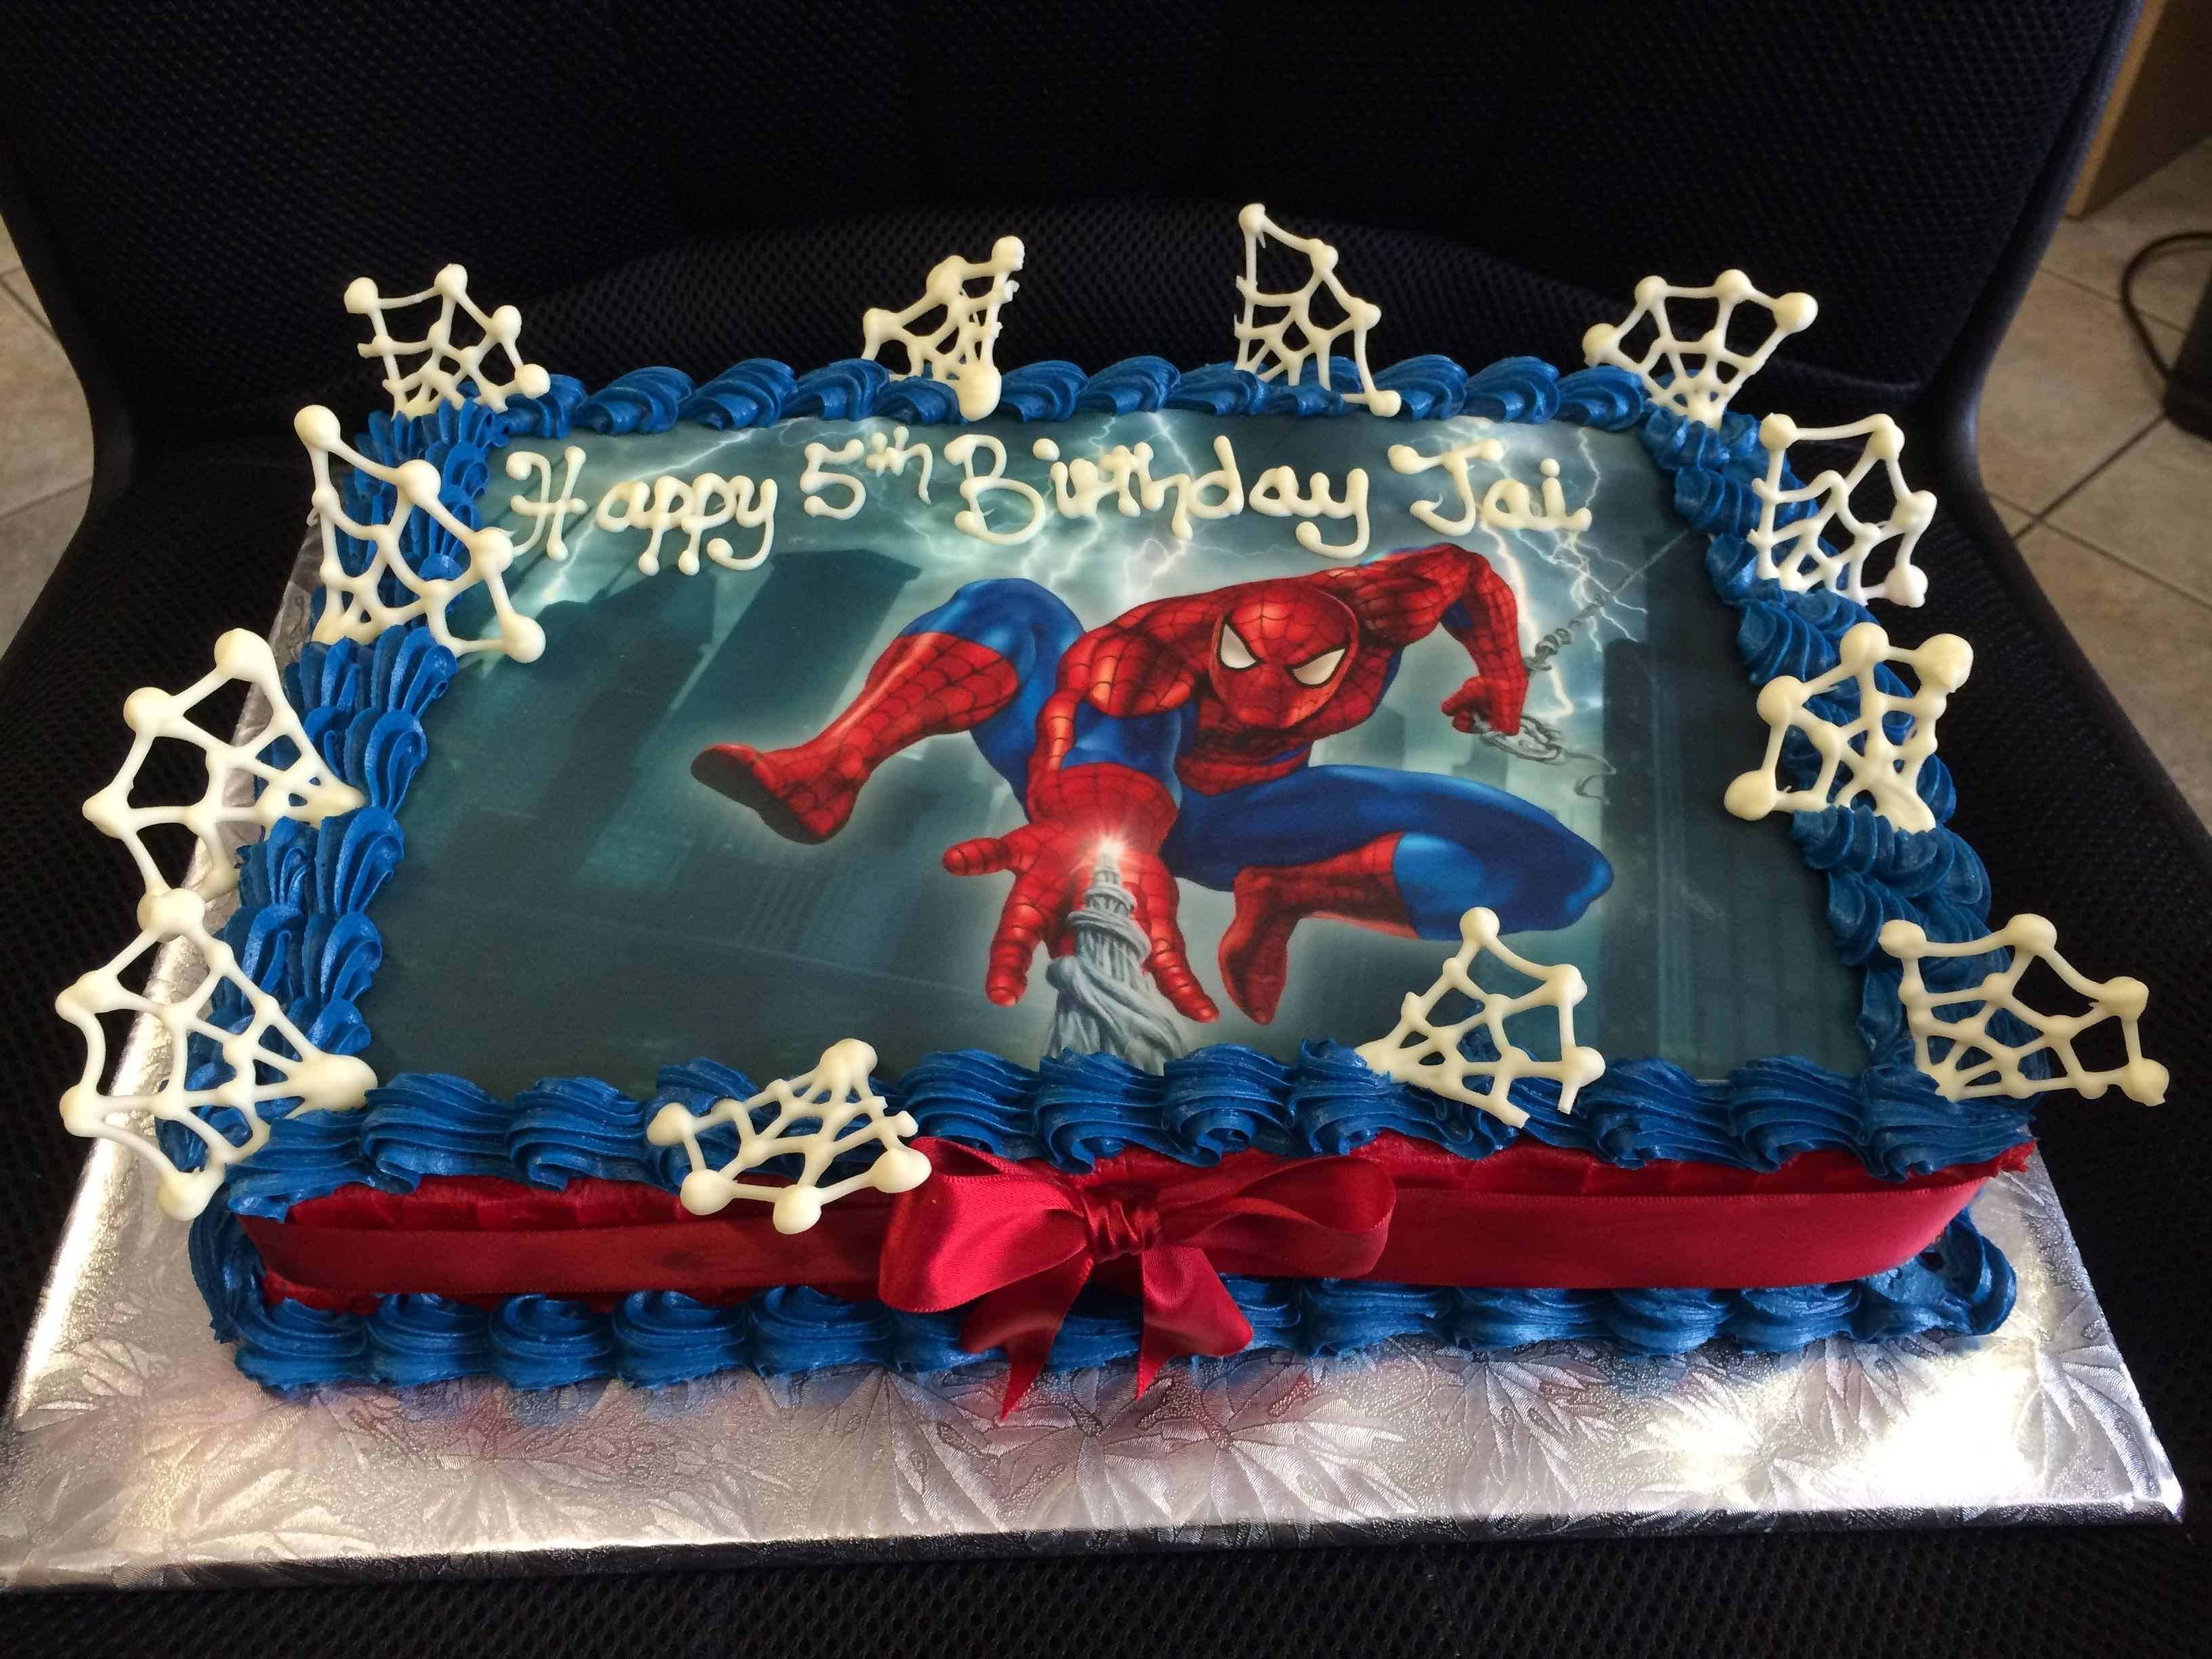 Hero Factory Cake